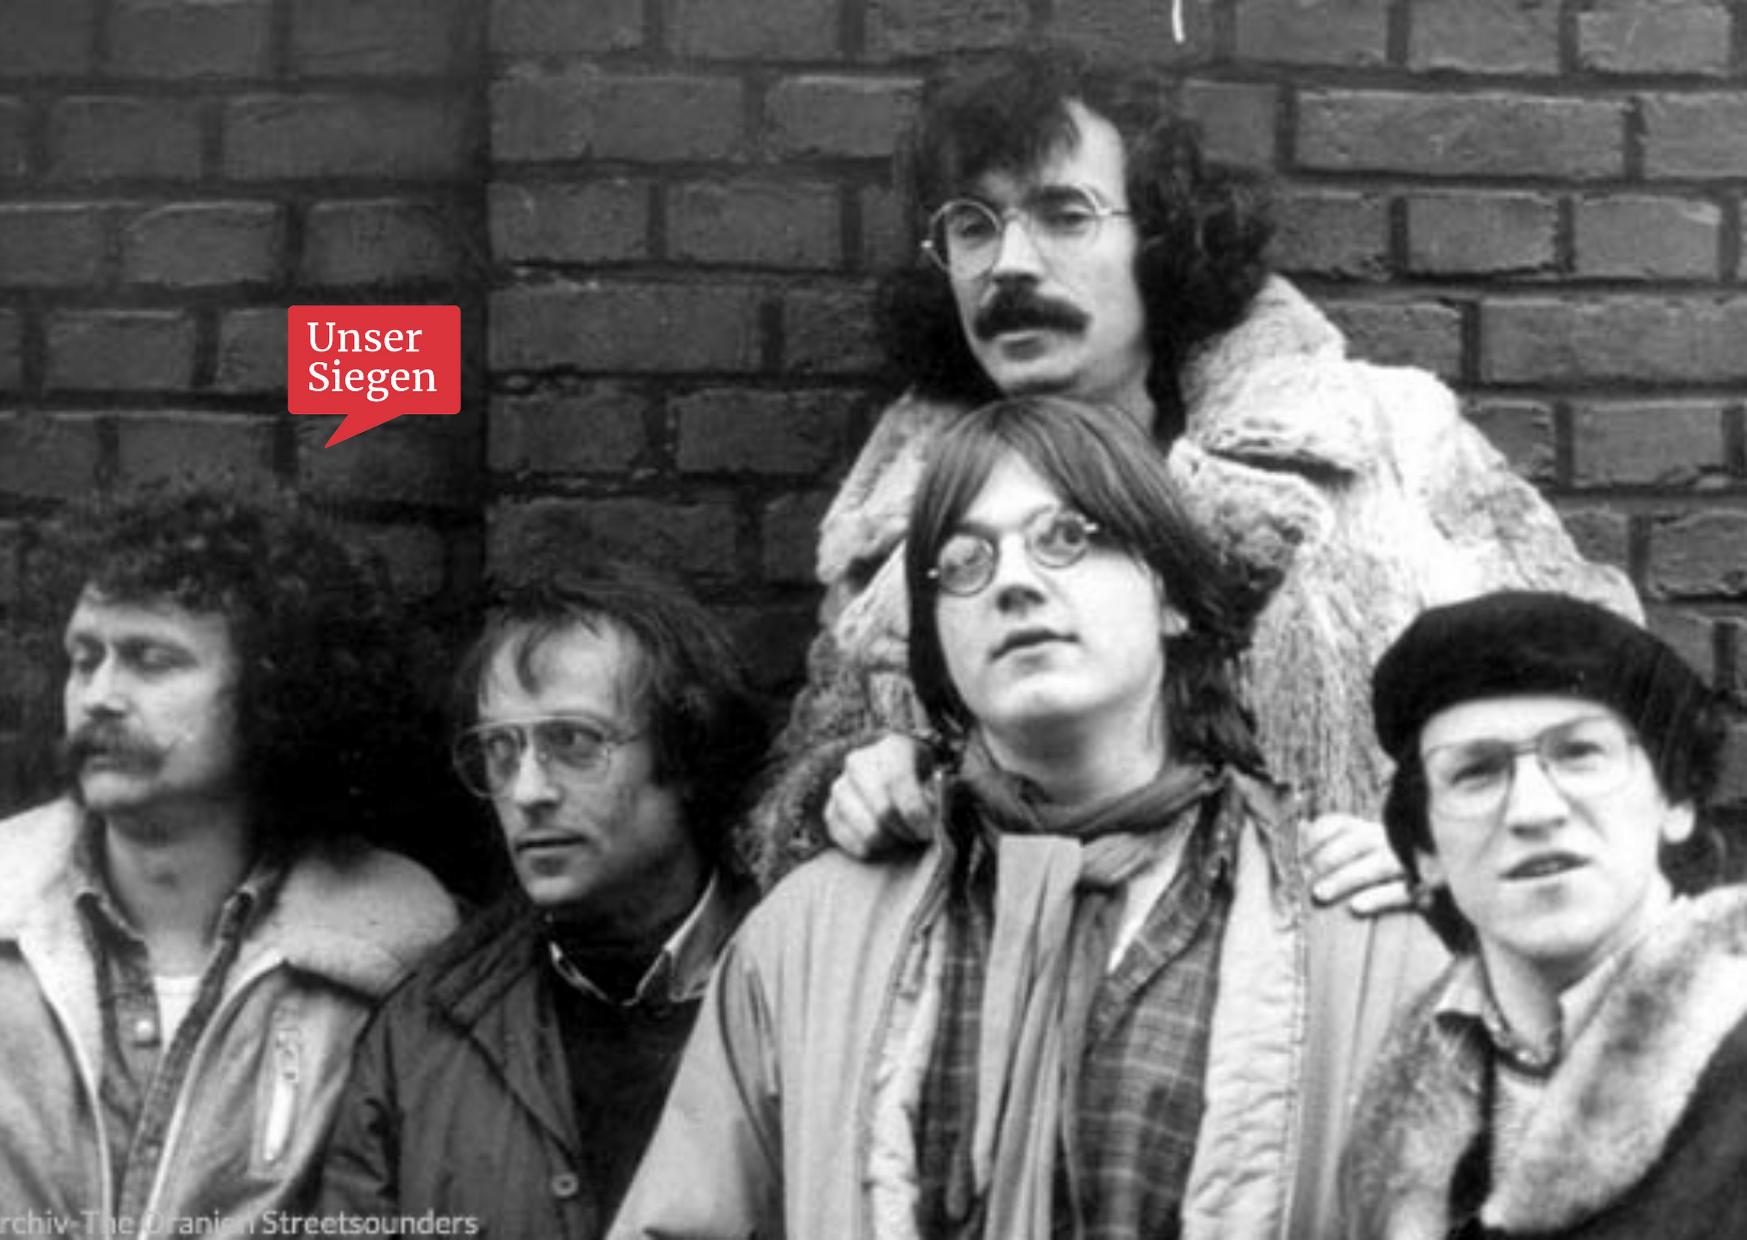 The Oranien Street Sounders - eine Band aus den Swinging Sixties. Schwarz-weiß-Foto mit fünf Musikern vor einer Backsteinmauer. Mit freundlicher Genehmigung von Wolfgang Thomas.